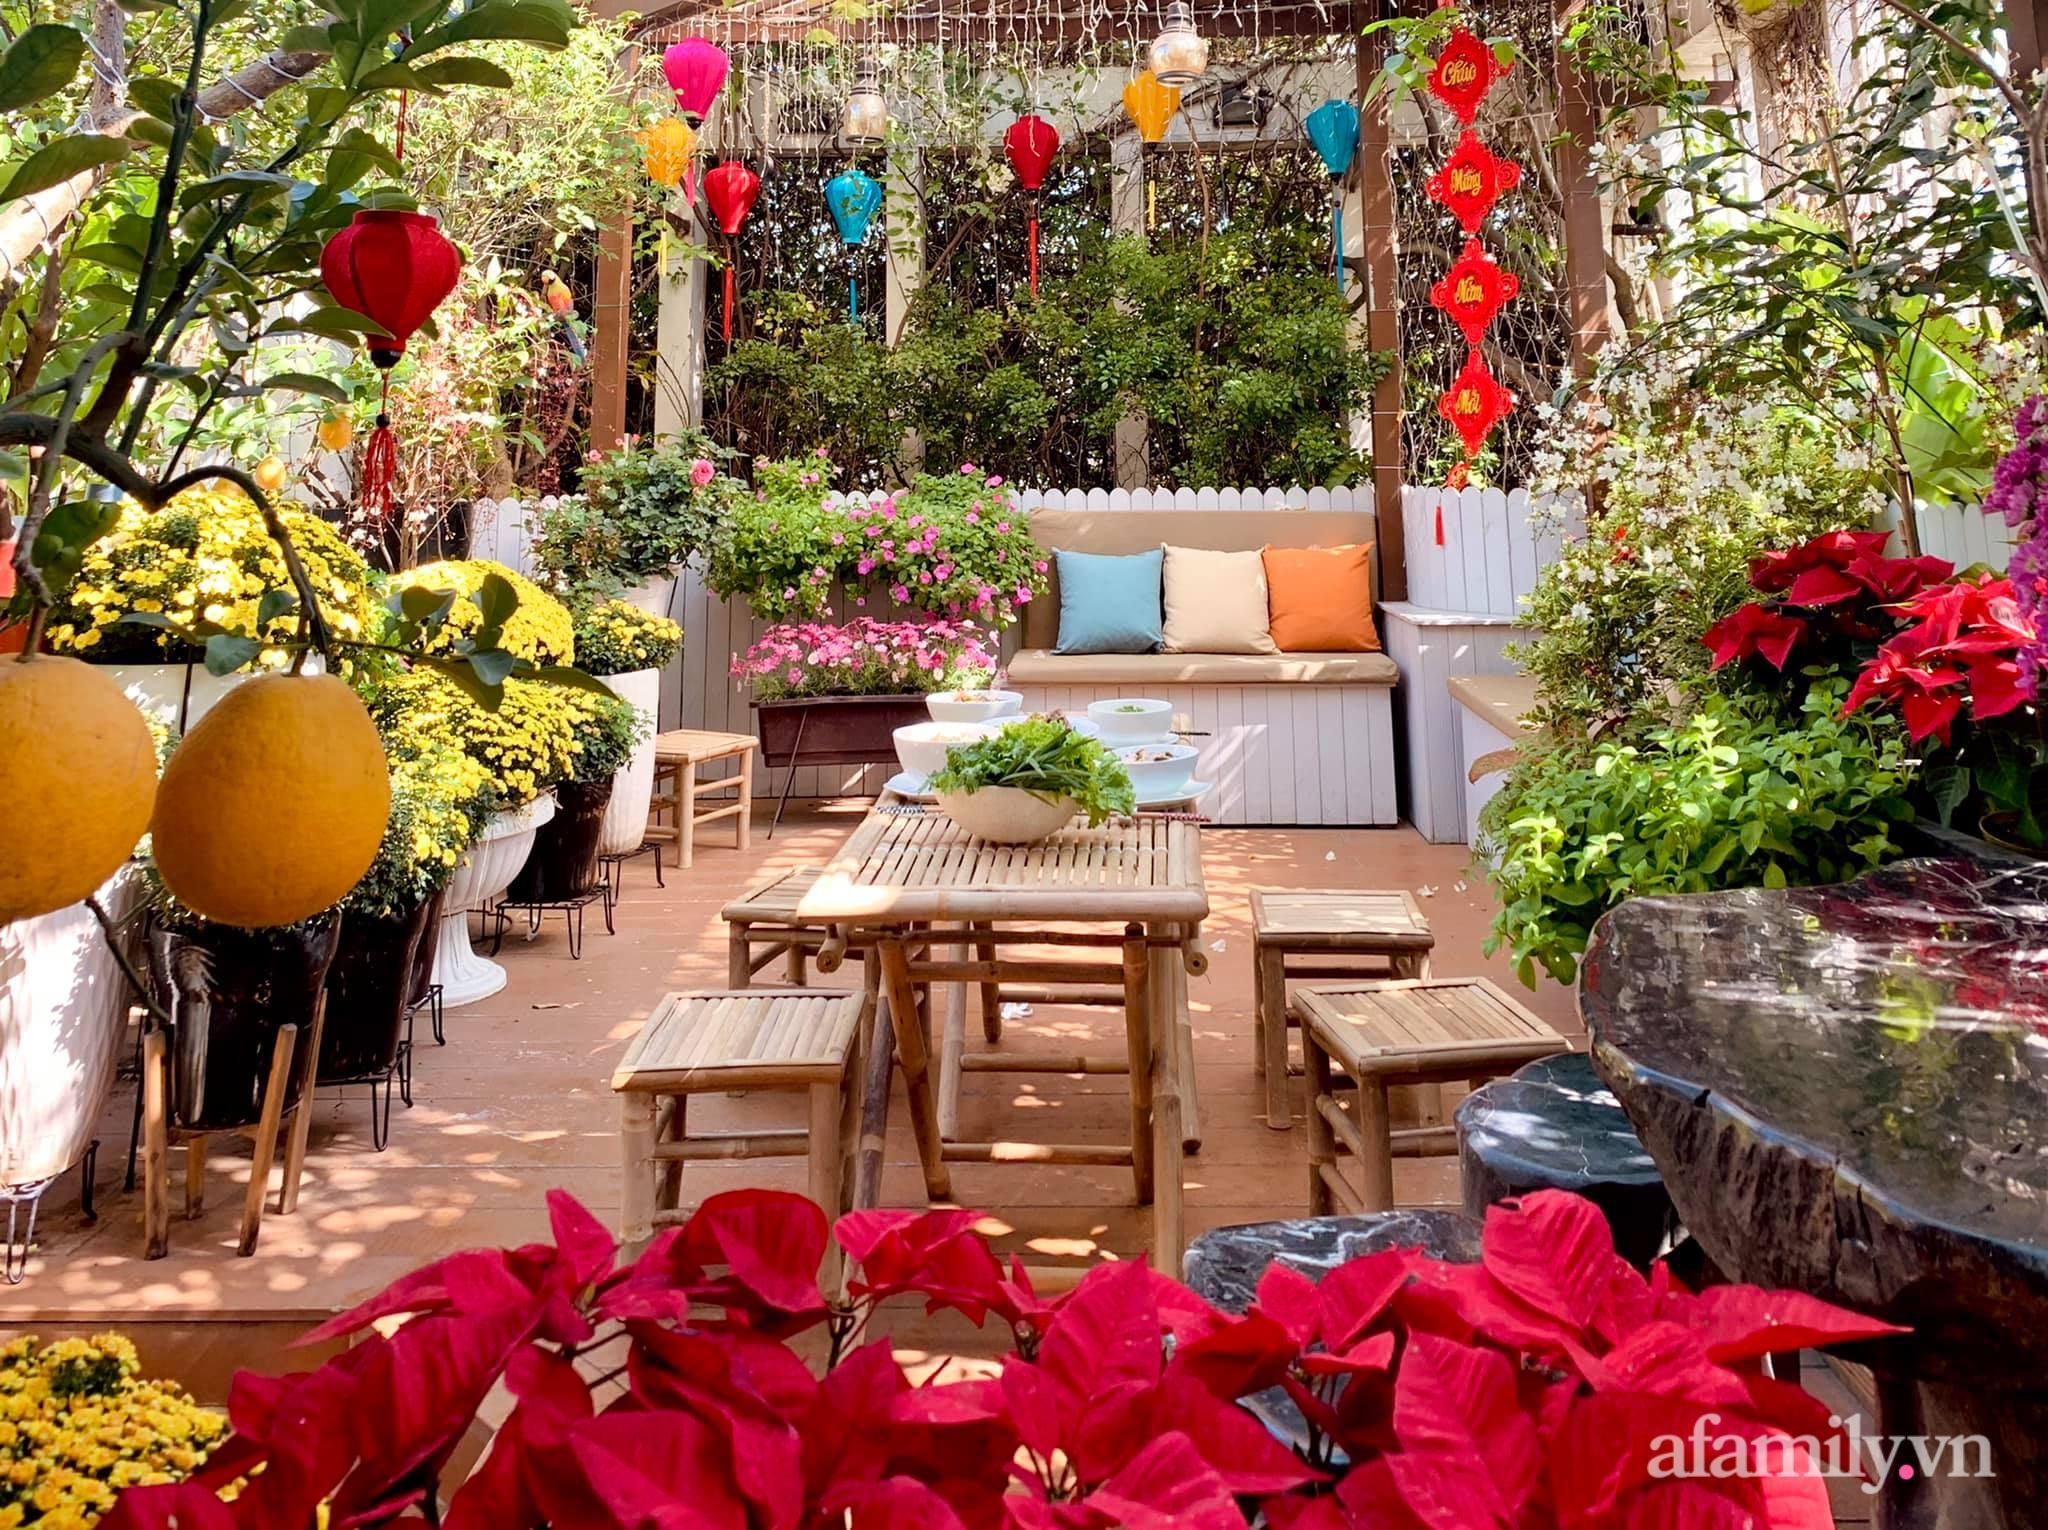 Mùng 1 đầu năm cùng ghé thăm sân thượng mang sắc màu Tết truyền thống của mẹ đảm ở Sài Gòn-1